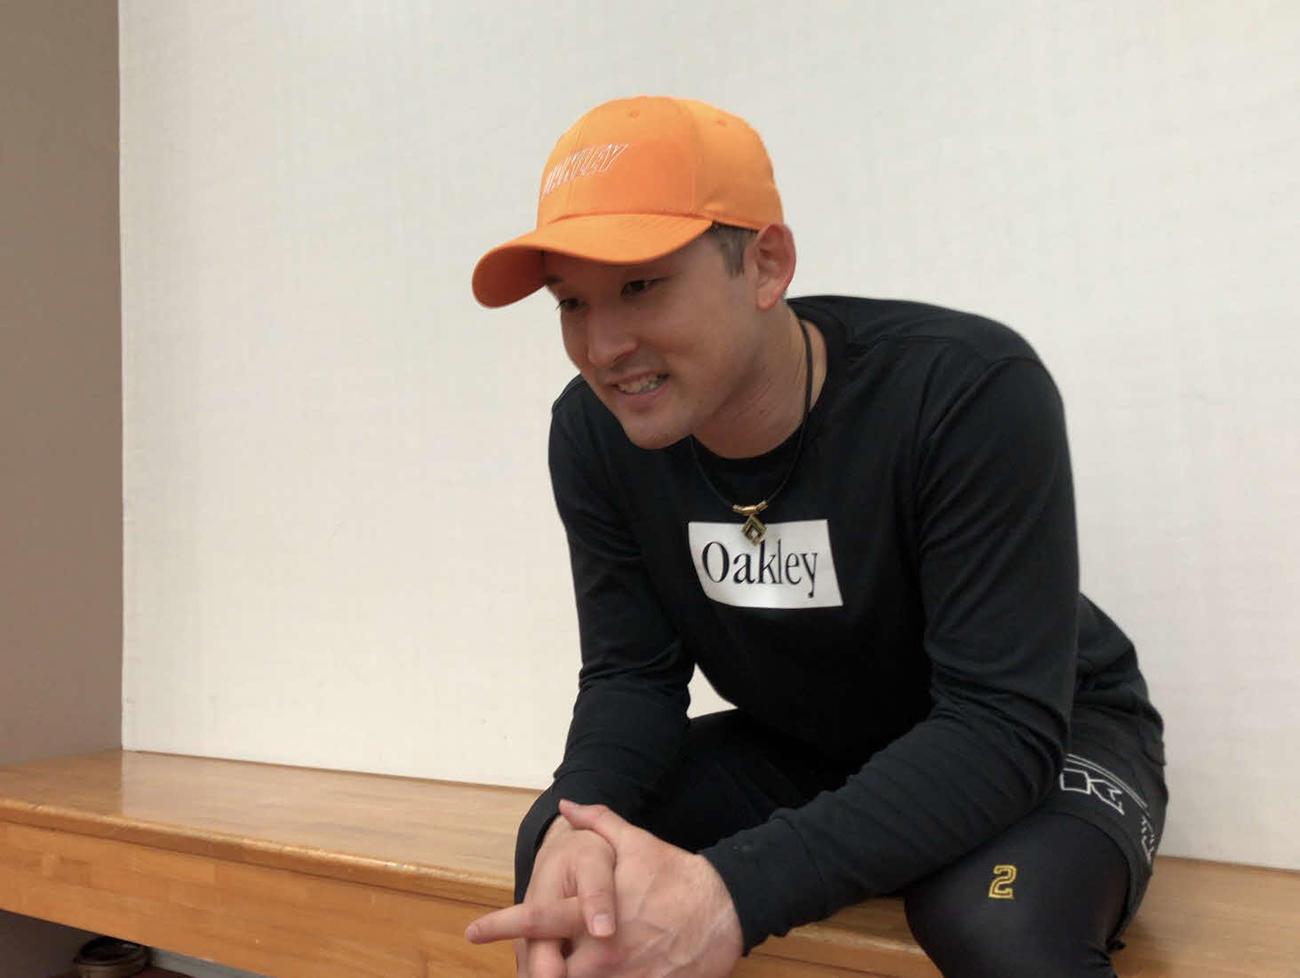 自主トレを行う沖縄の離島でオンライン取材を受けた日本ハム杉谷